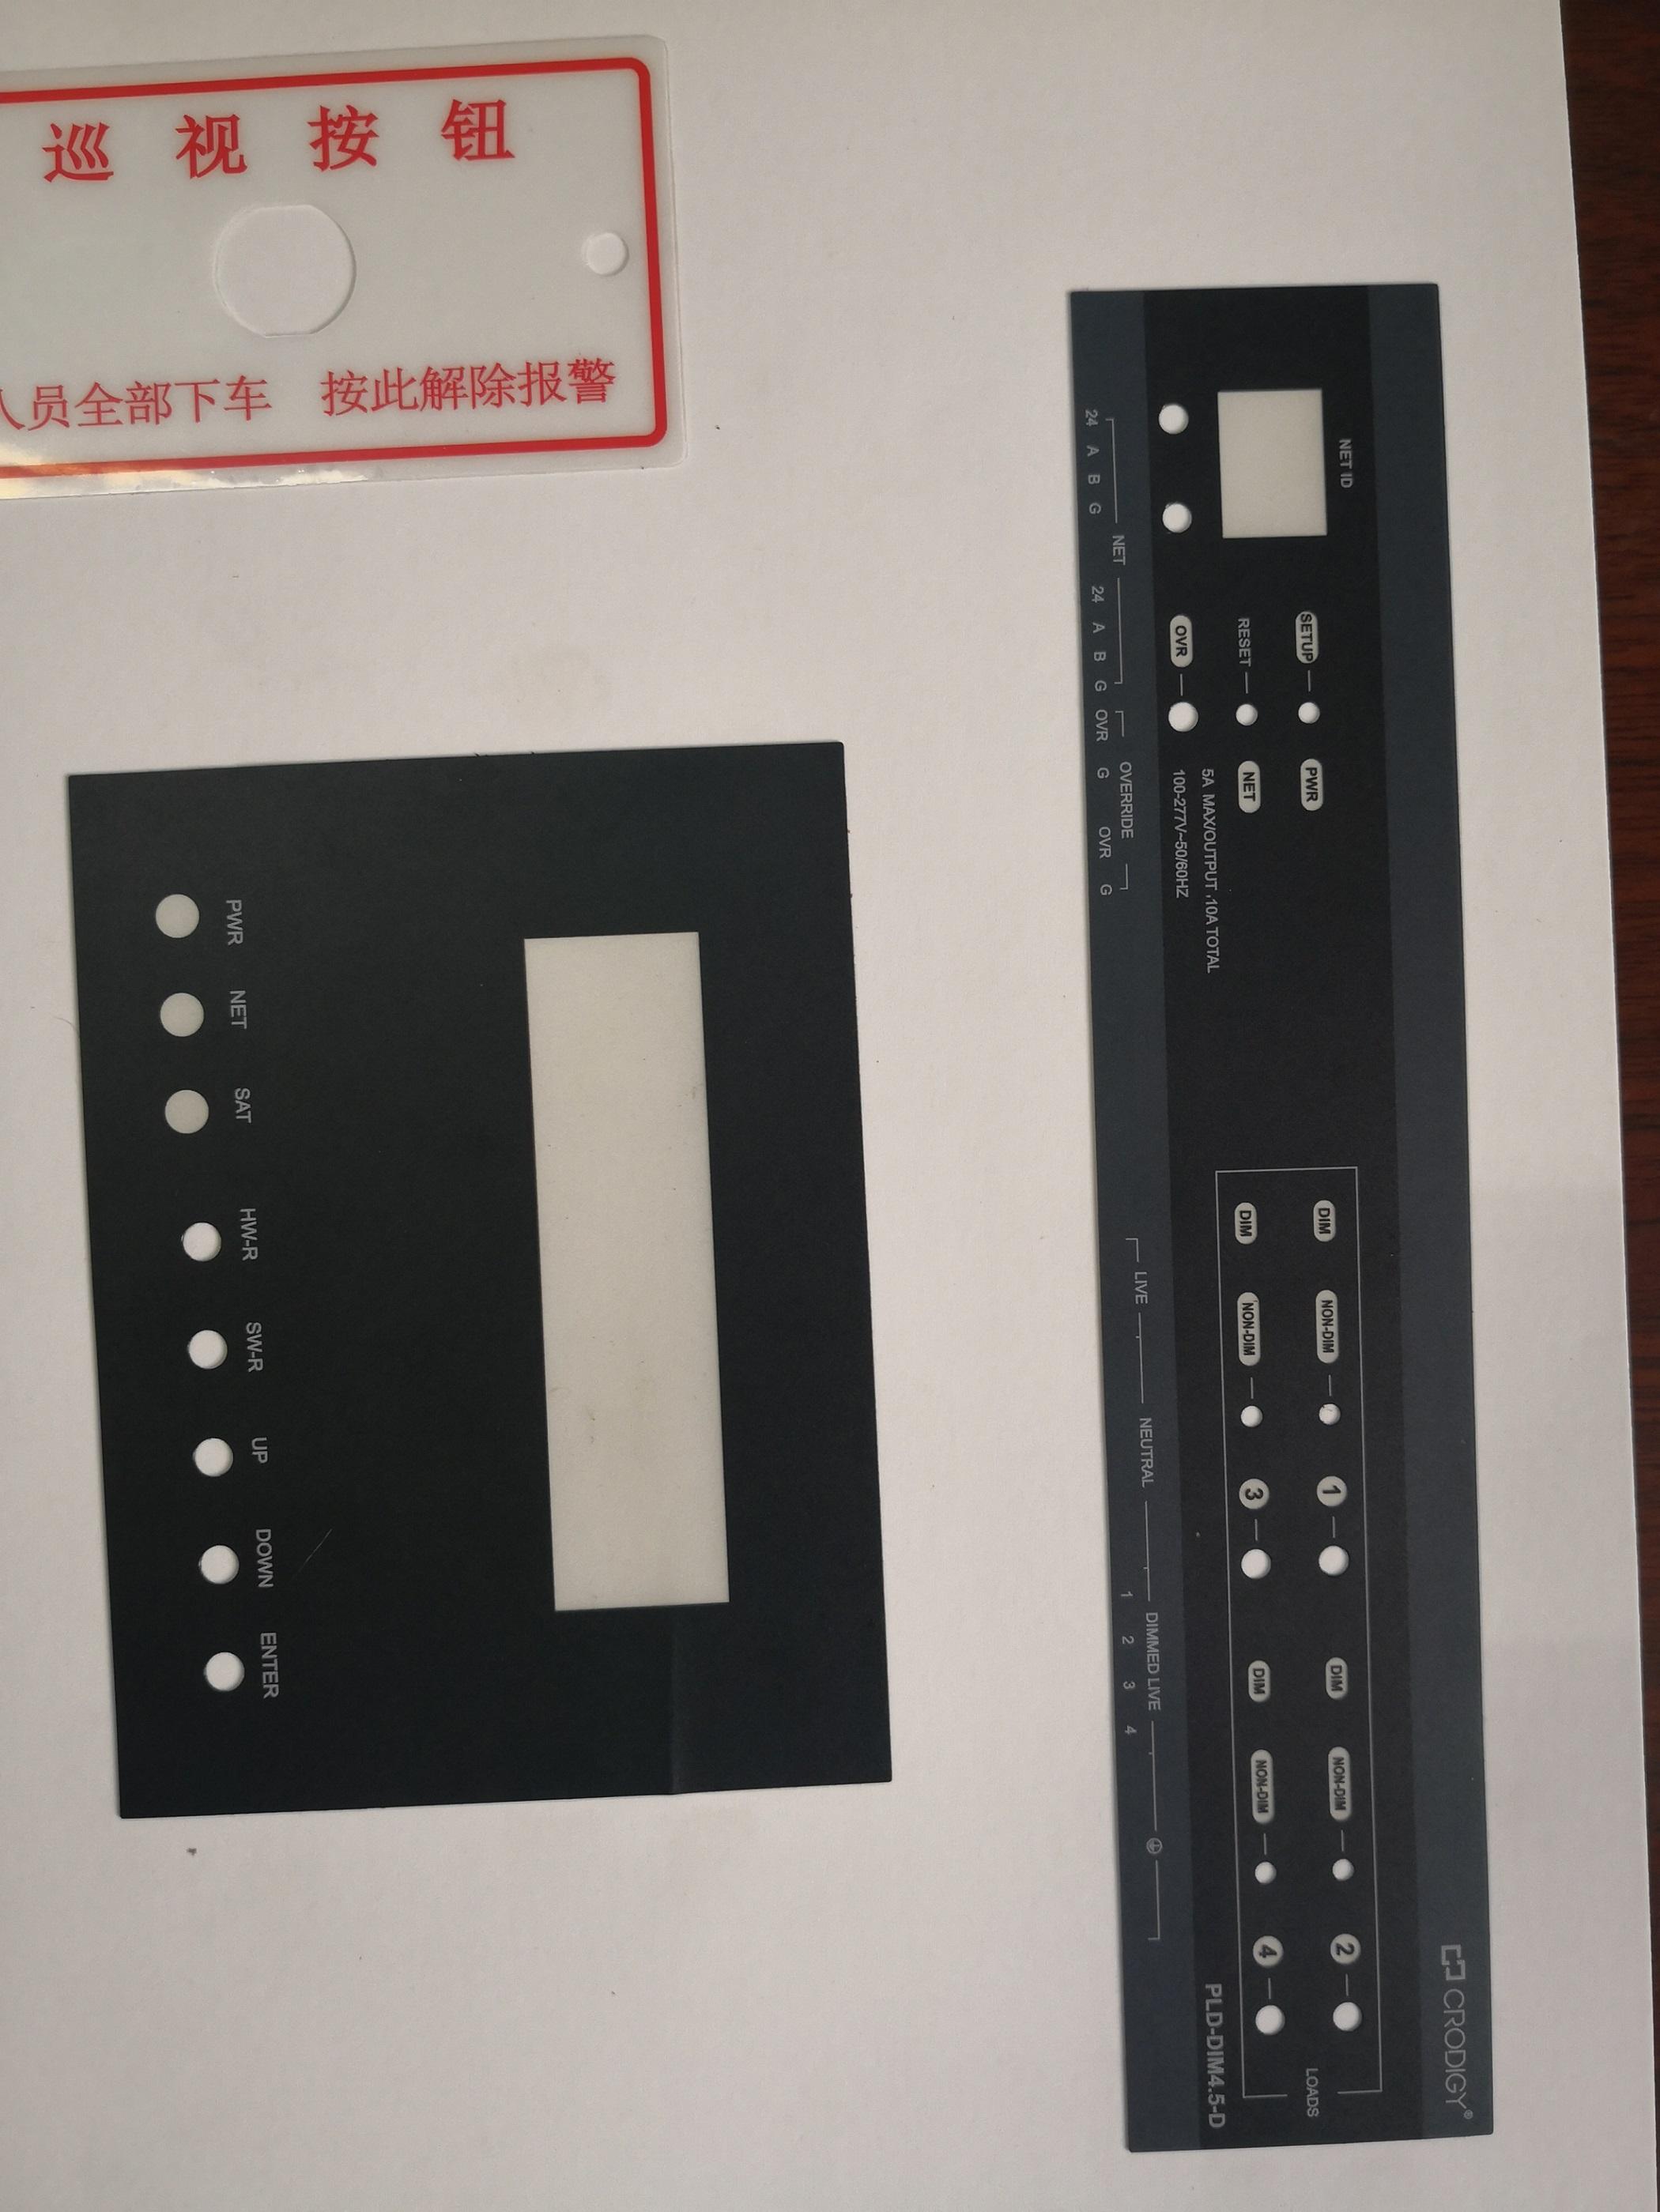 驻马店门牌卡印刷磨砂材质标牌生产丝印特殊标签厂家经营